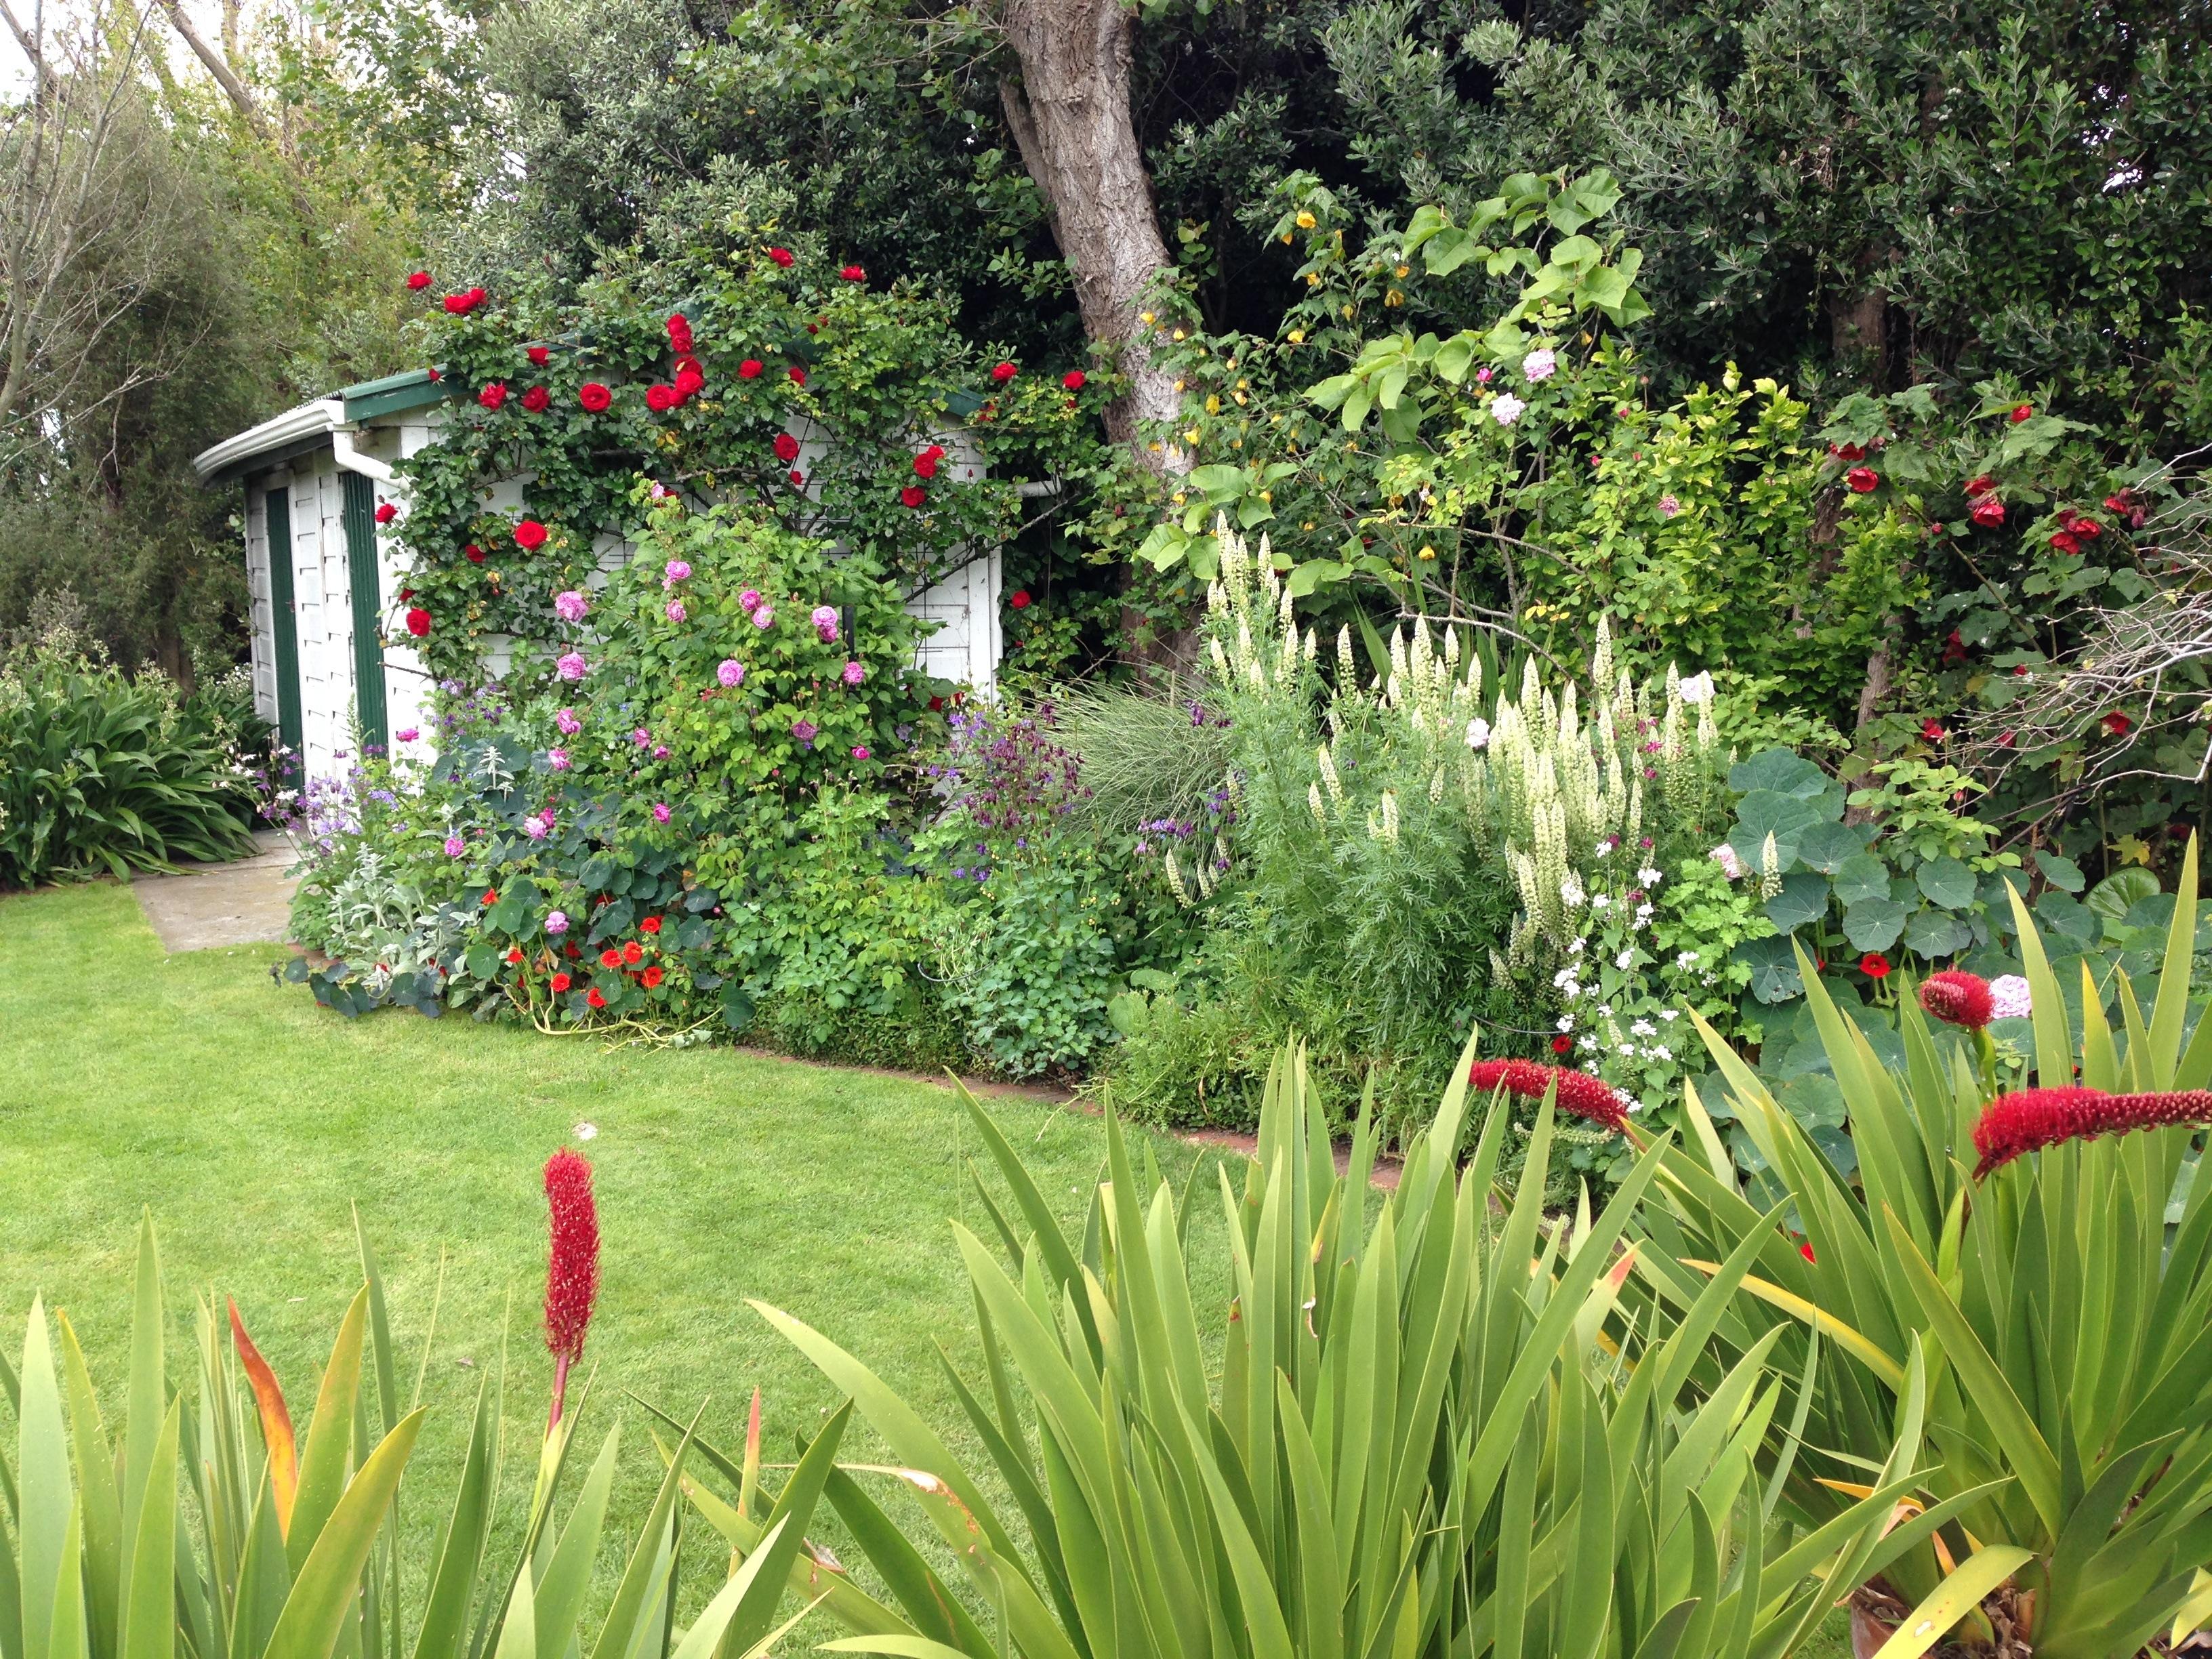 Melbourne garden show 2014 janna schreier garden design for Winter garden designs ideas